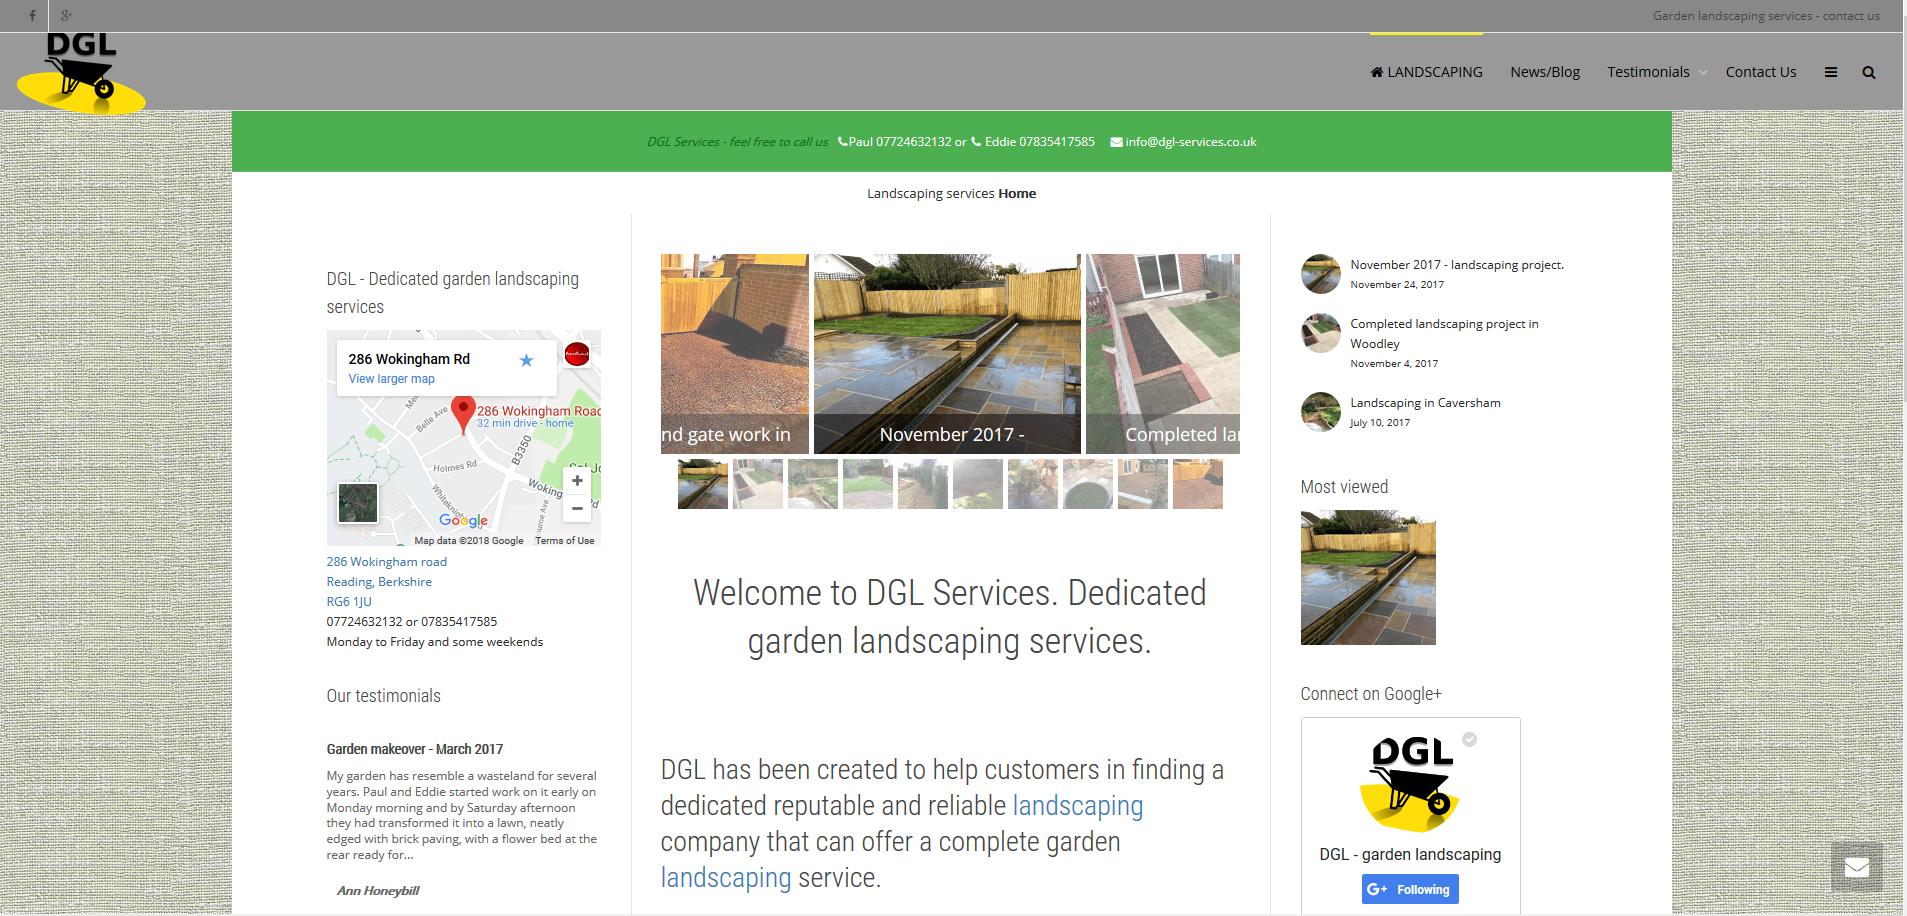 dgl-services.co.uk